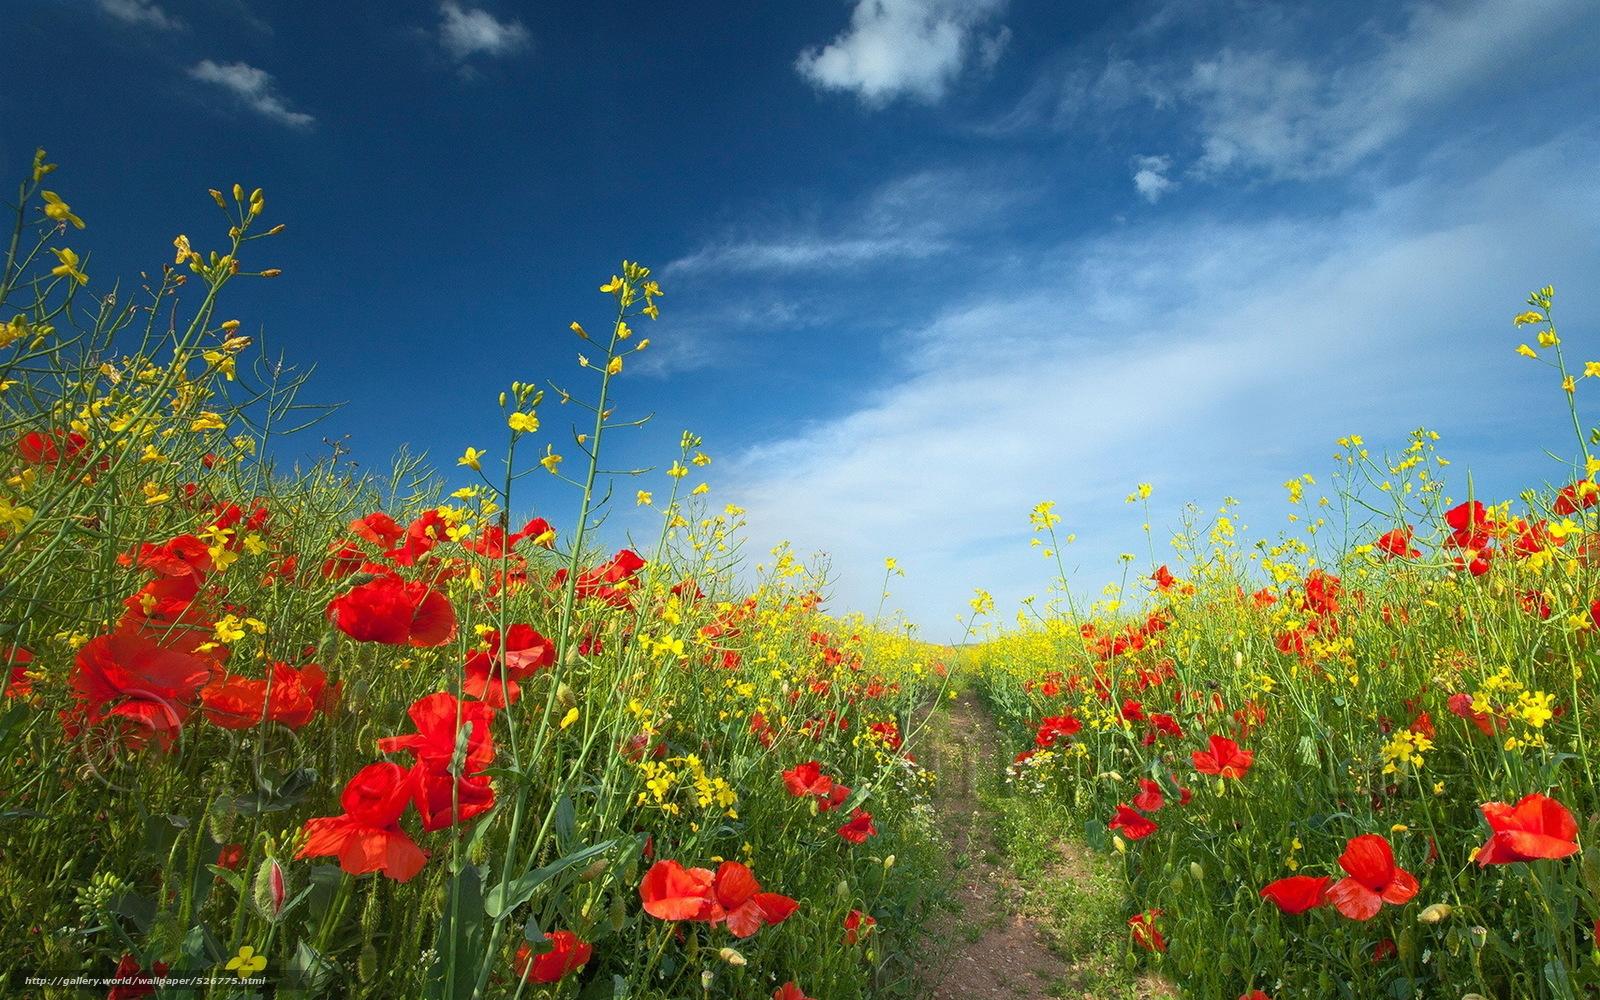 Download Wallpaper Flowers Field Summer Landscape Free Desktop